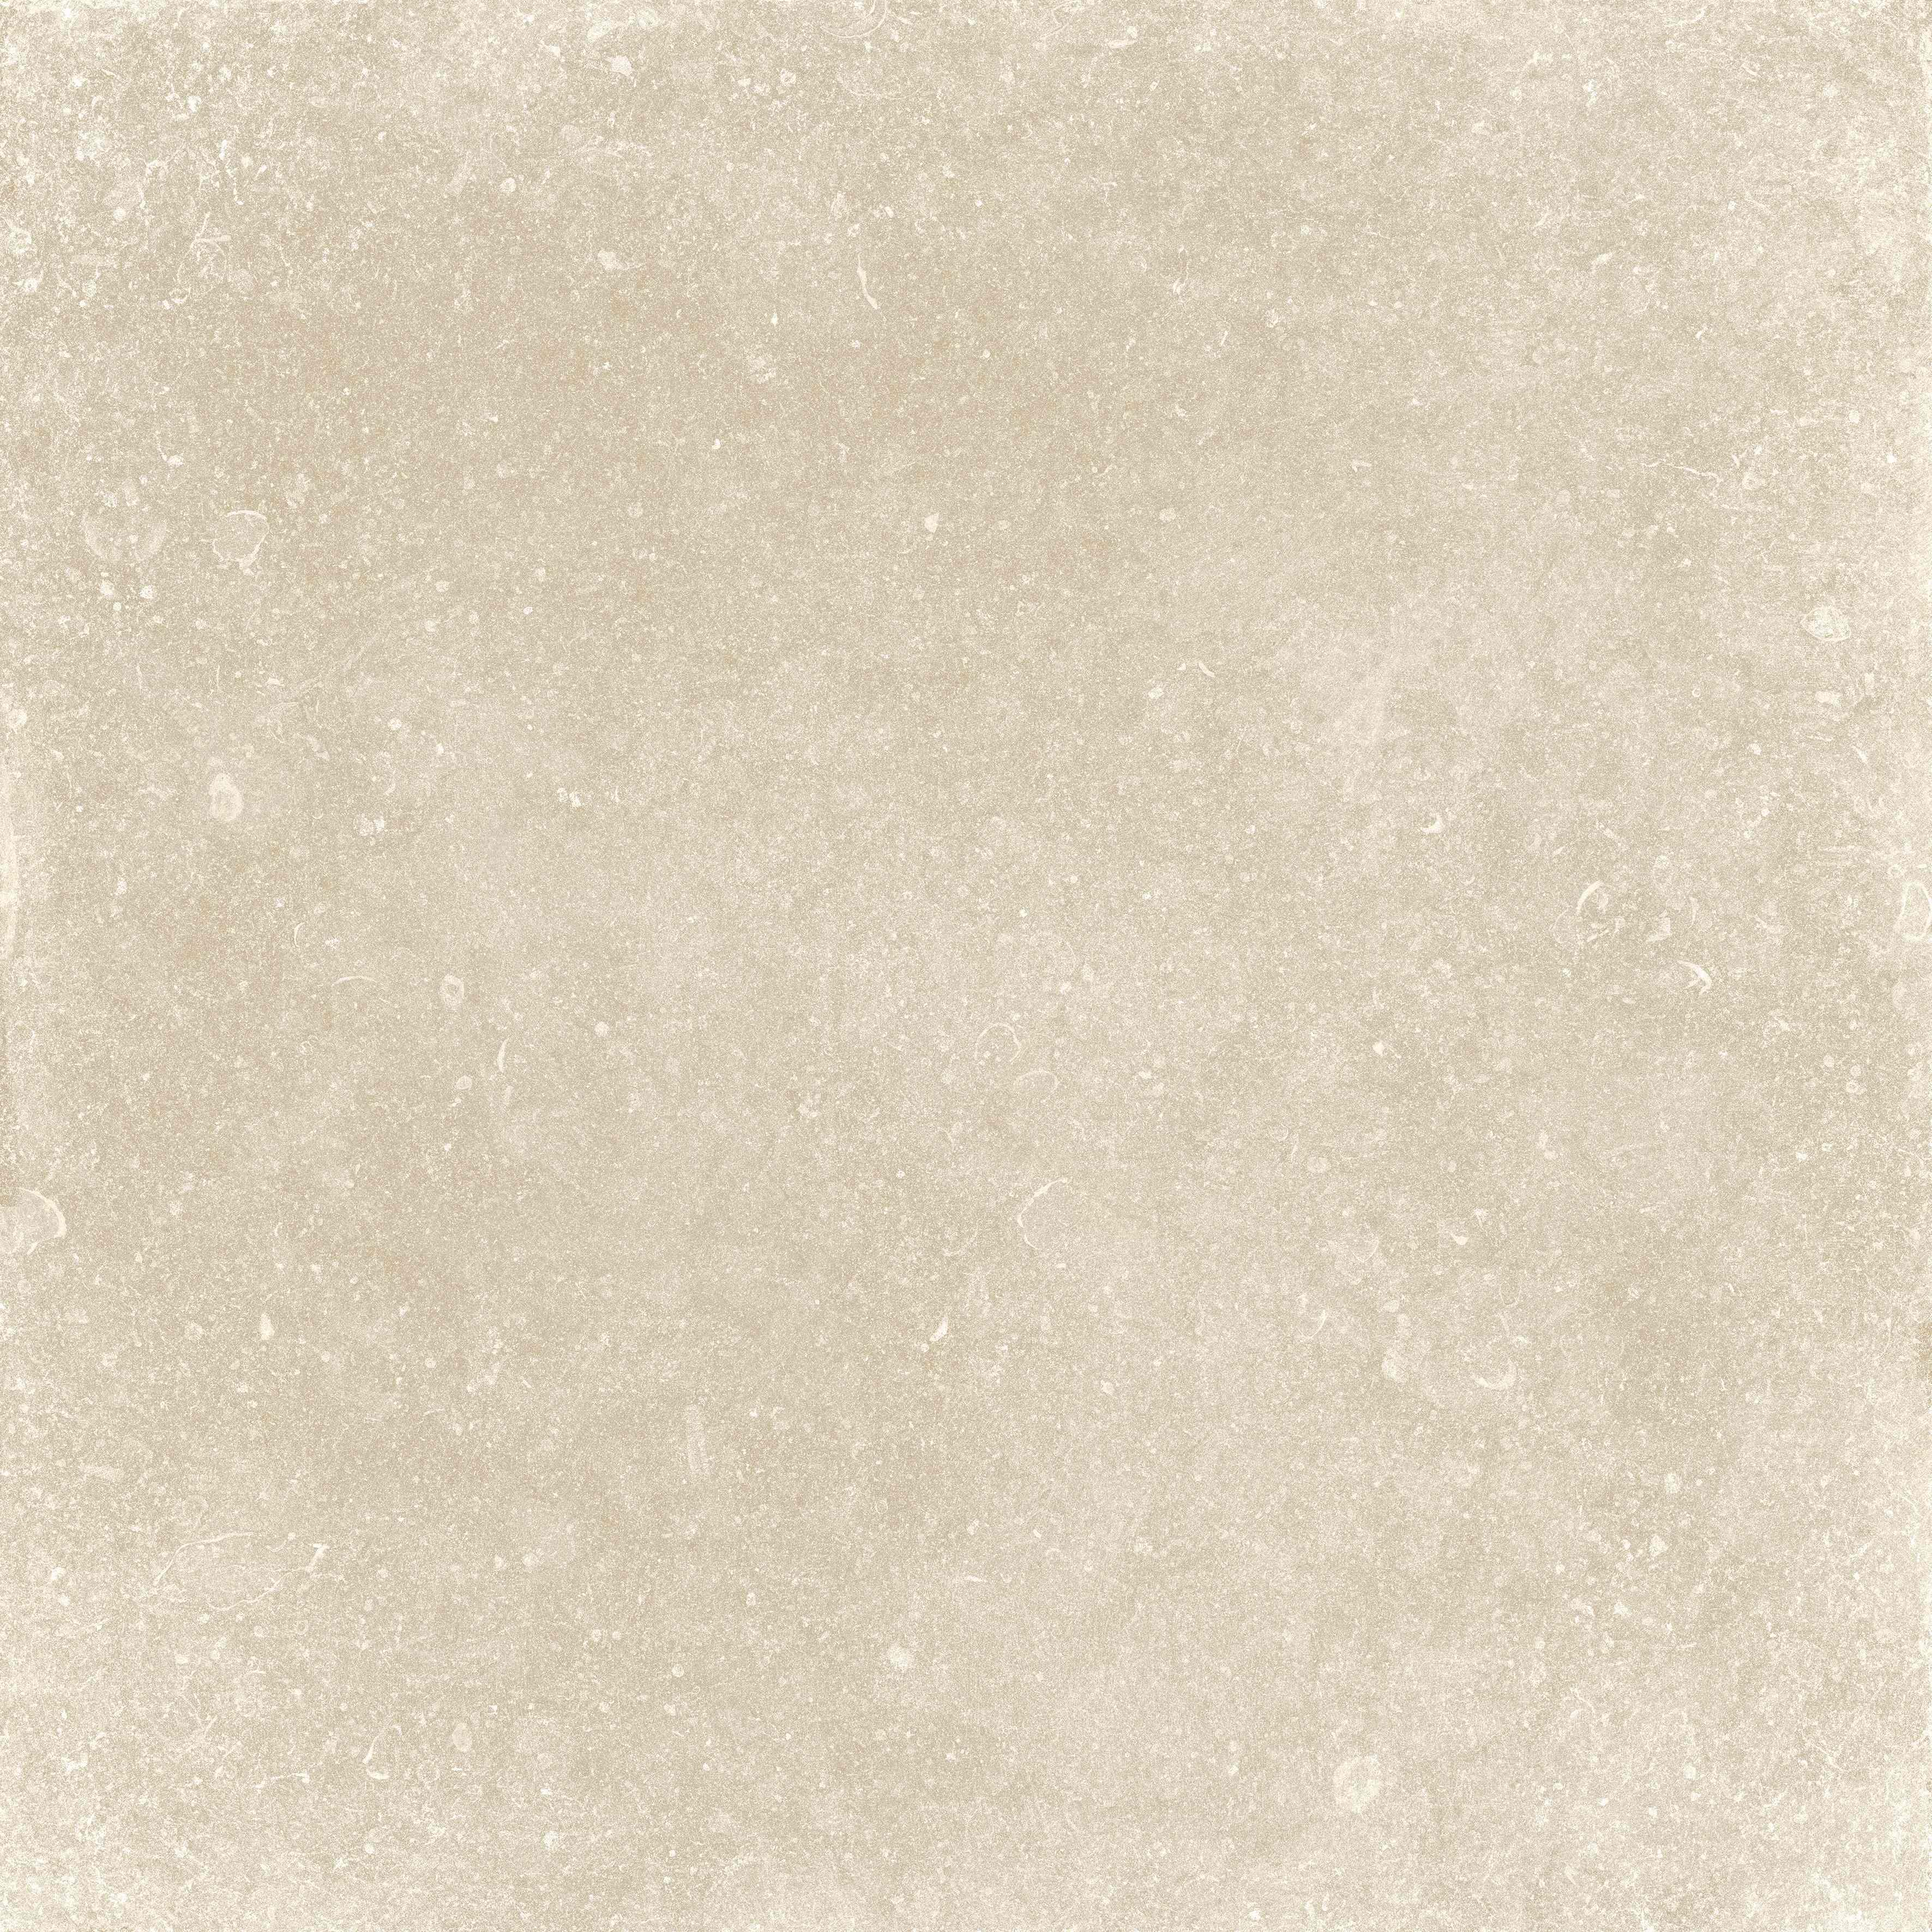 Плитка BEIGE (ZRXPZ3R) изображение 2